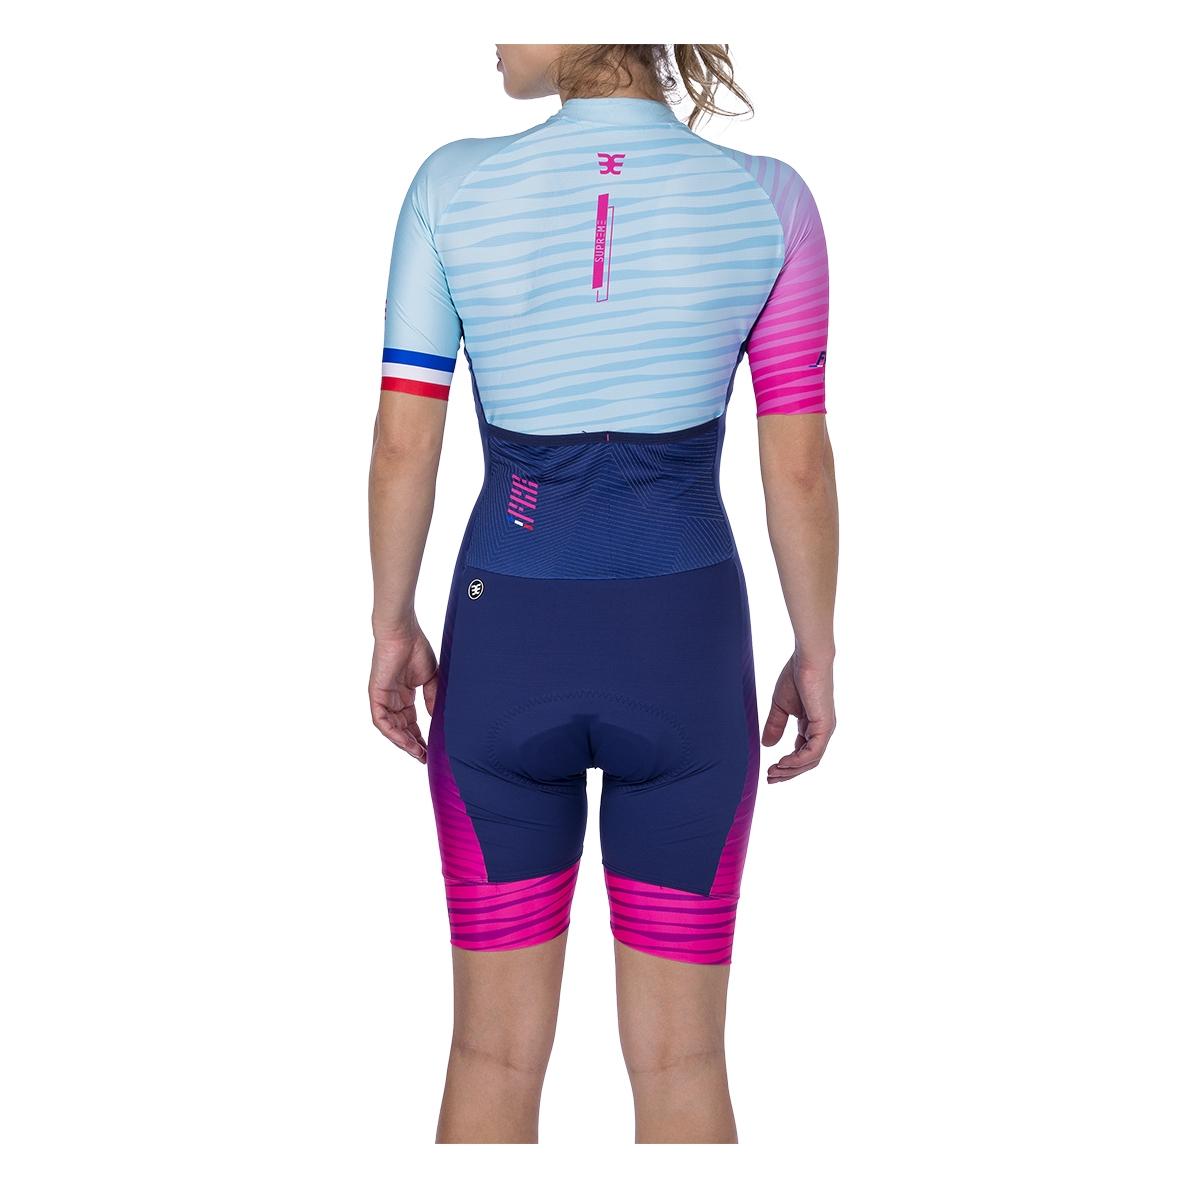 Macaquinho Ciclismo Supreme France Fem - 2021